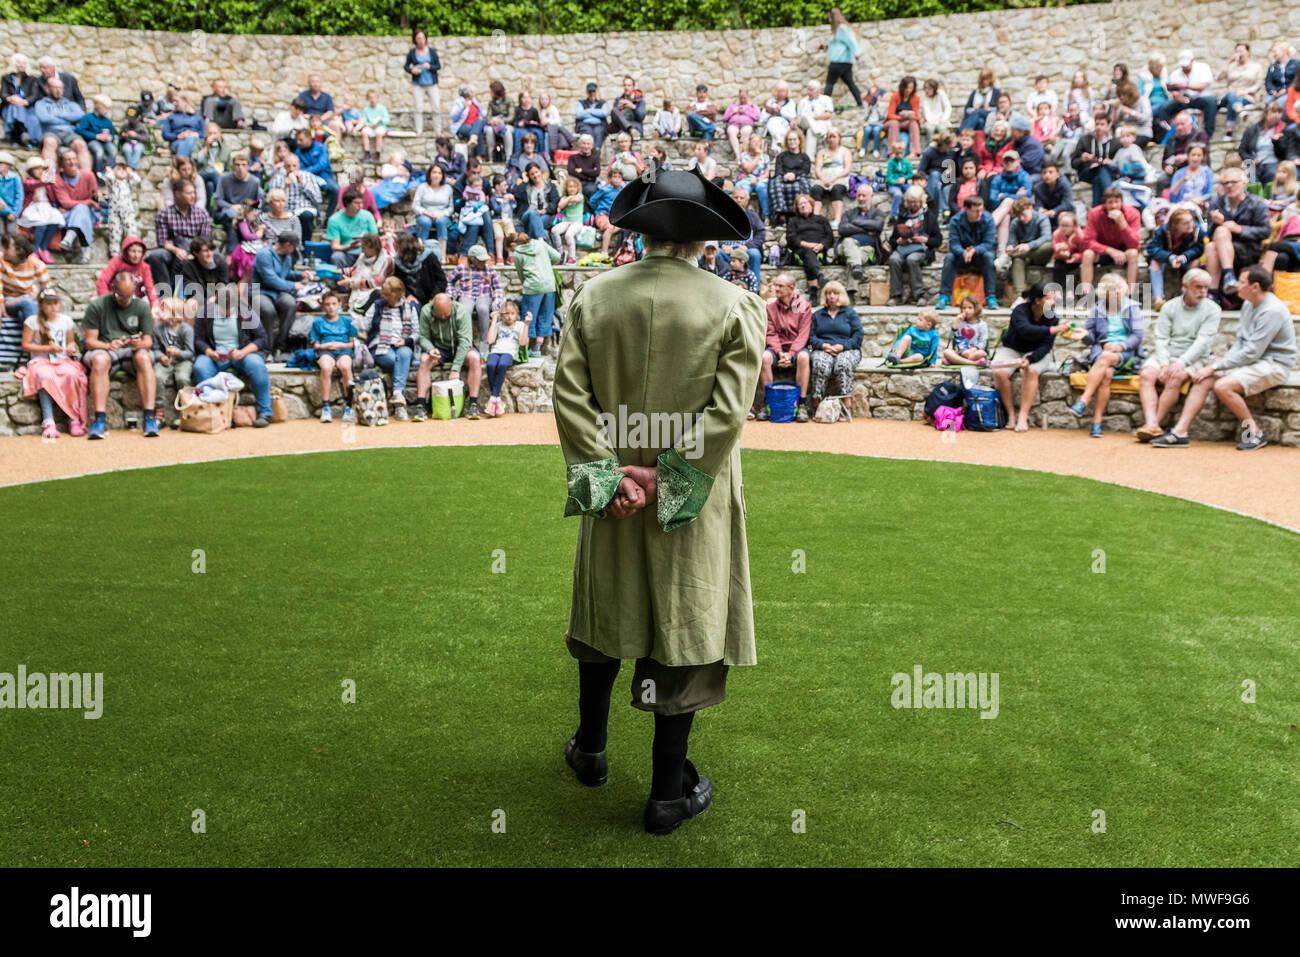 Handeln - gweek Spieler in einer Leistung der Piraten von Trebah im Trebah Garten Amphitheater in Cornwall. Stockbild